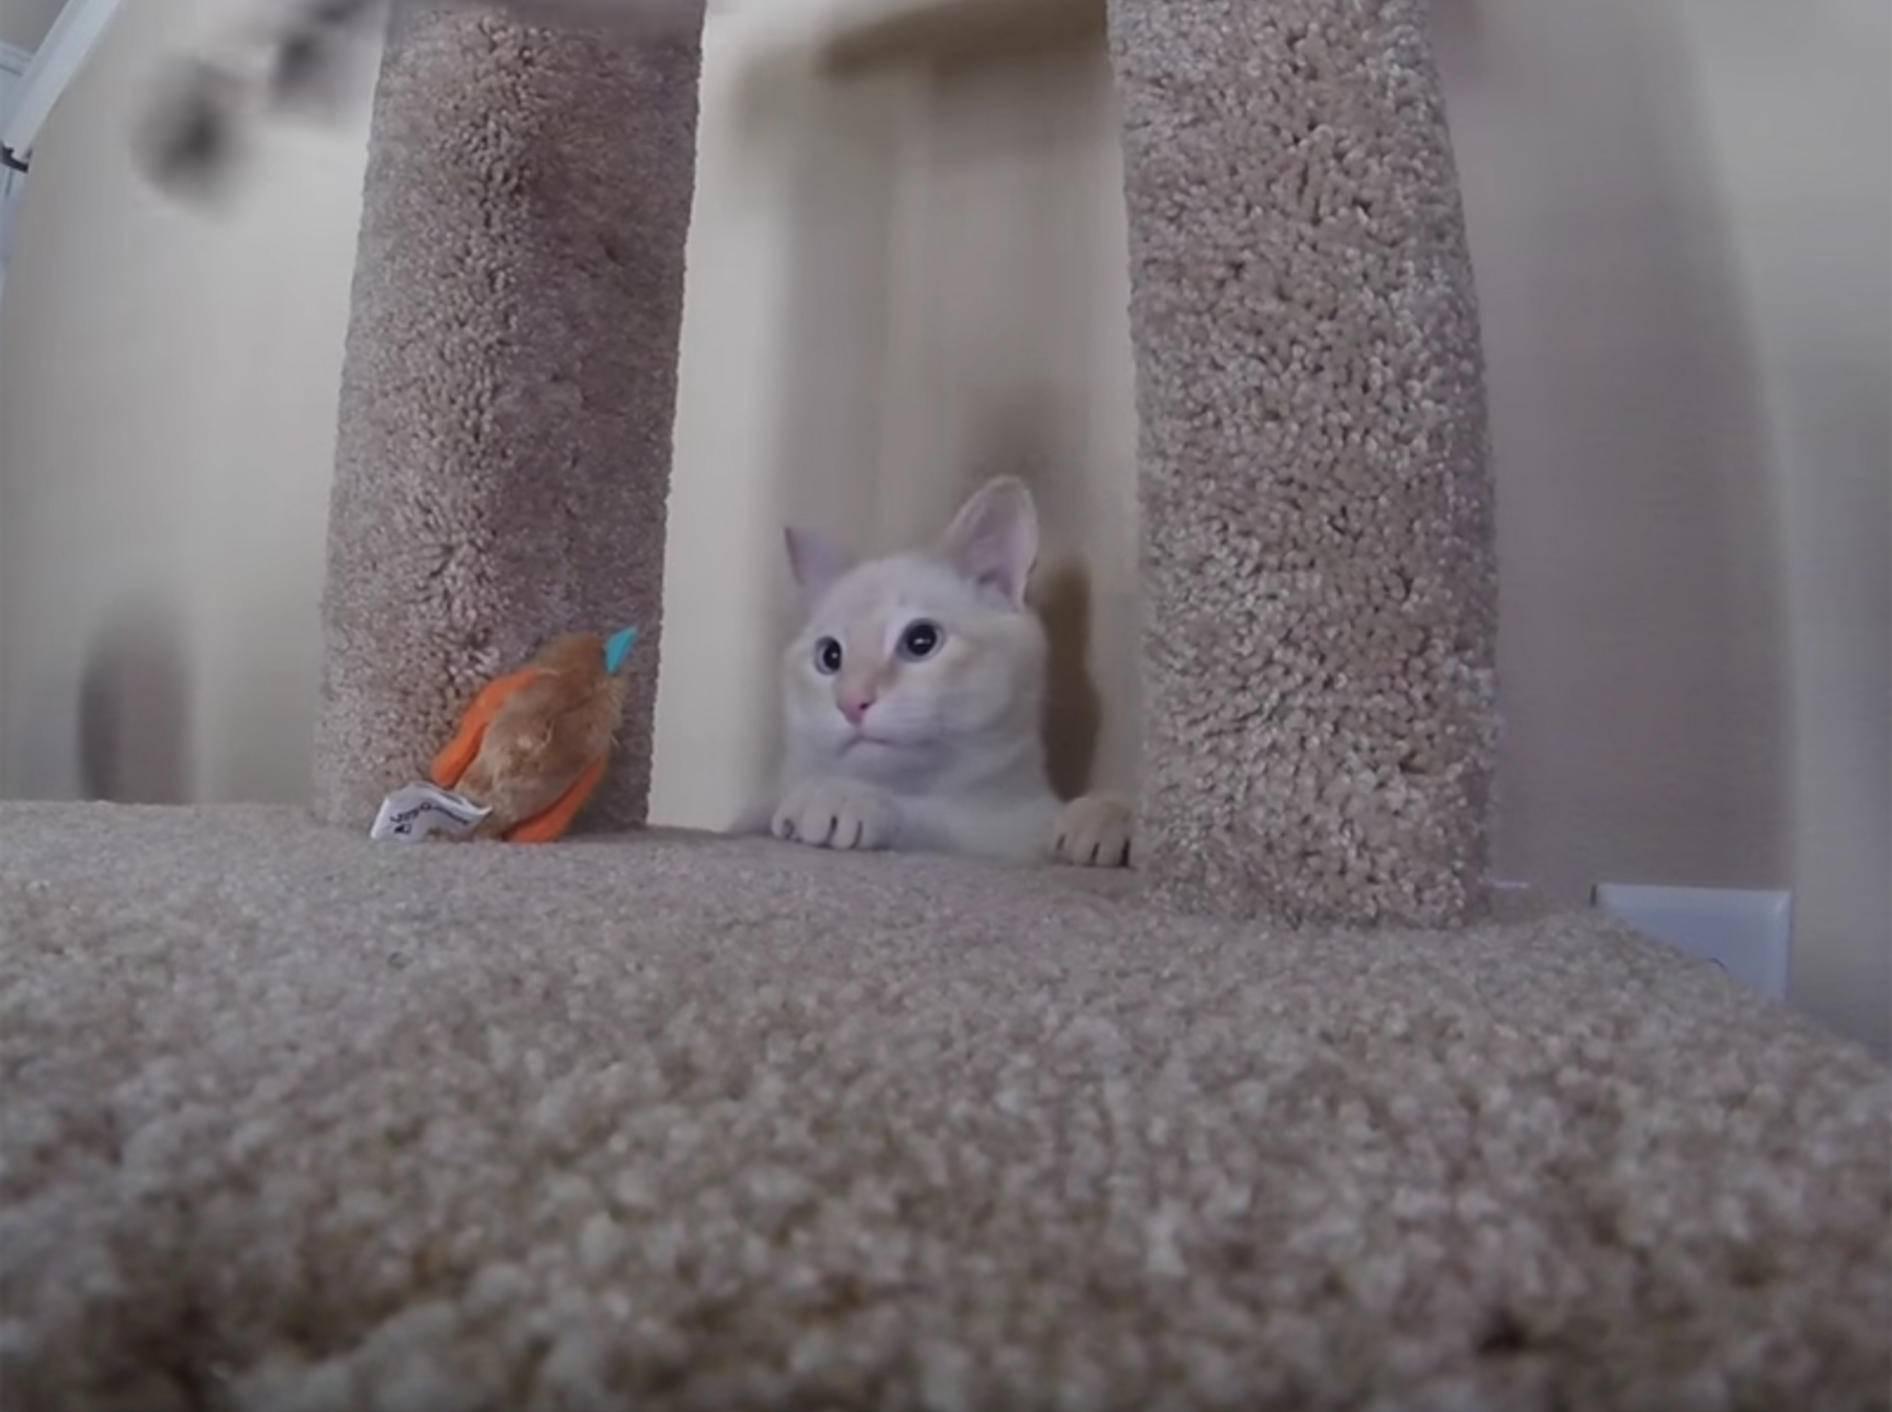 Katerchen Lazarus freut sich riesig über neuen Kratzbaum – YouTube / Frozen Kitten